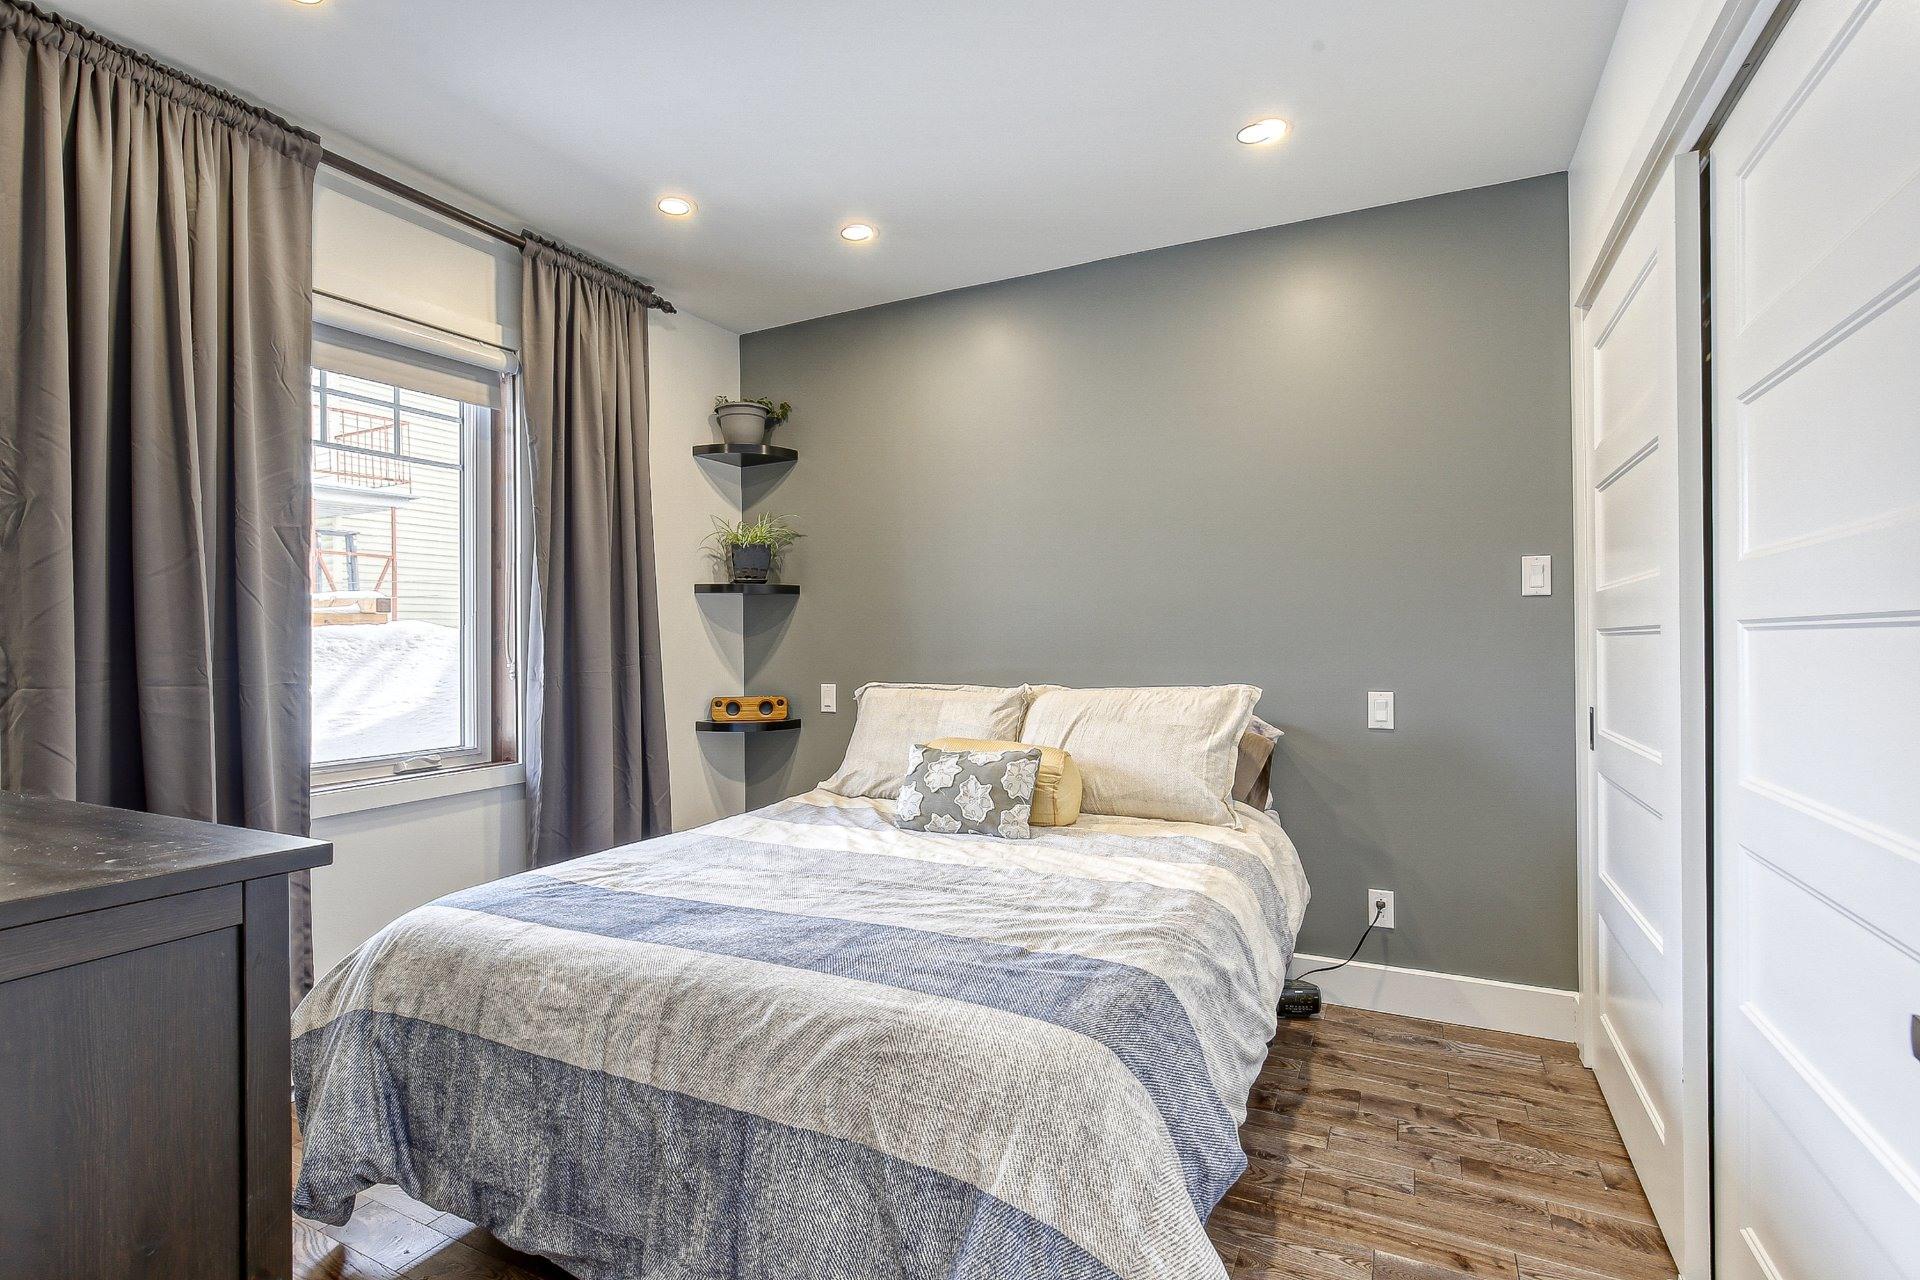 image 14 - Duplex À vendre Villeray/Saint-Michel/Parc-Extension Montréal  - 5 pièces